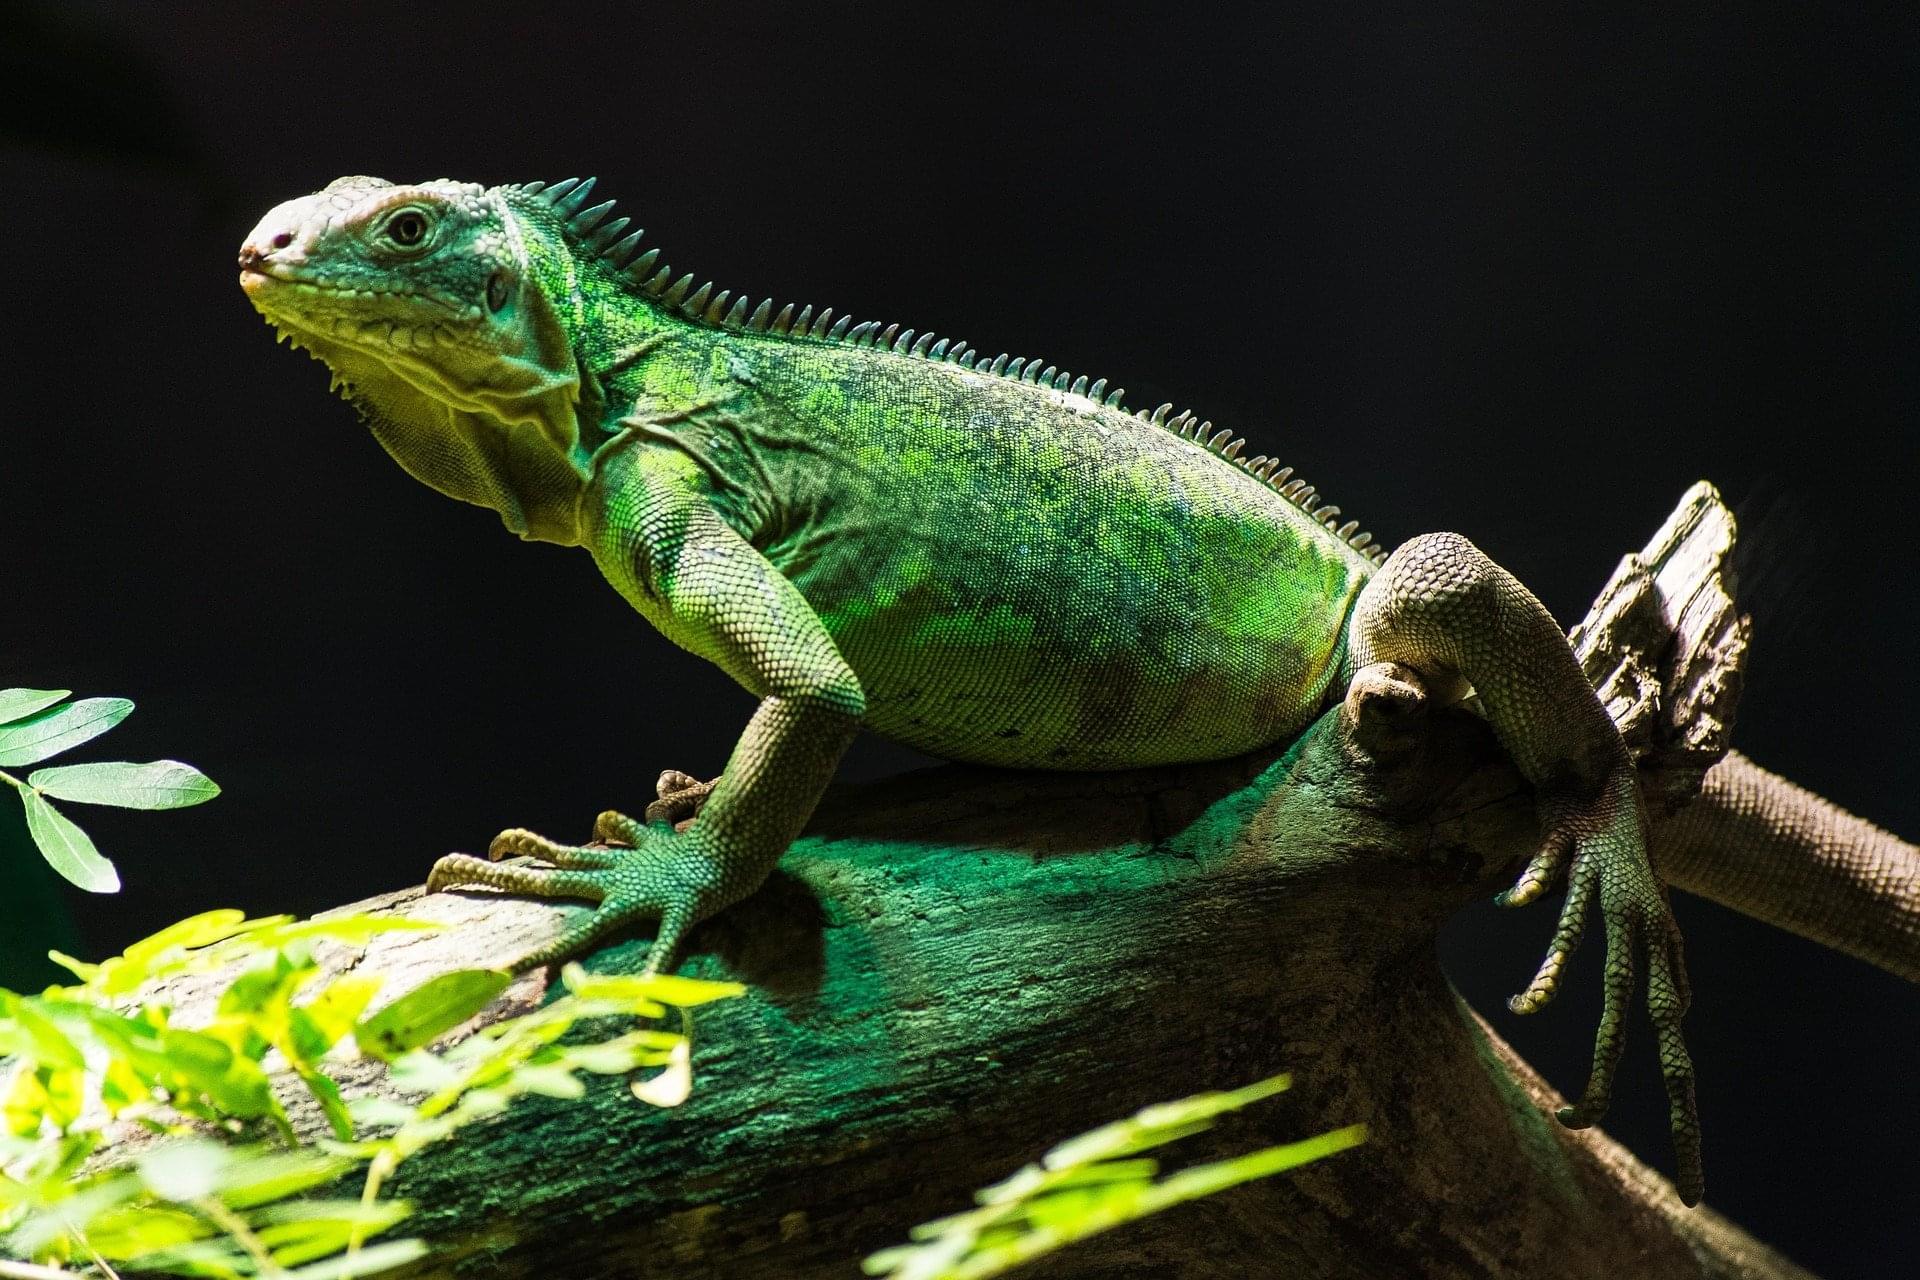 lizard-1085553_1920